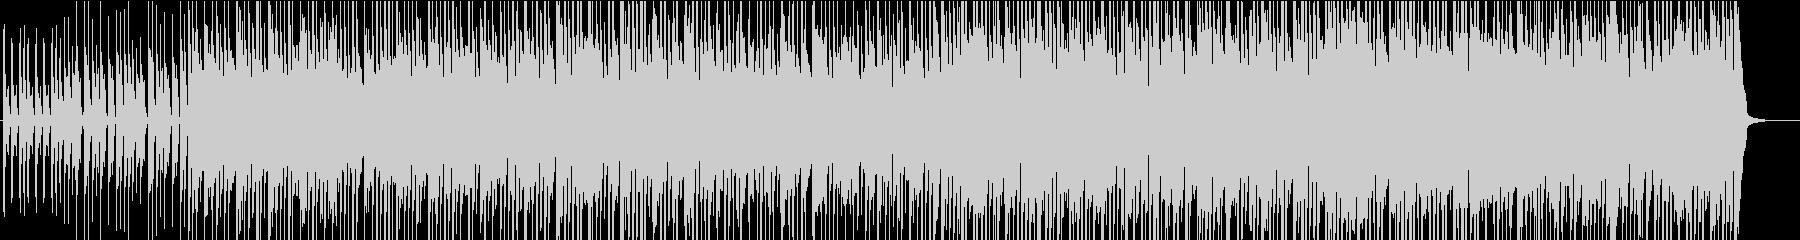 ポップロック ブルース ポジティブ...の未再生の波形